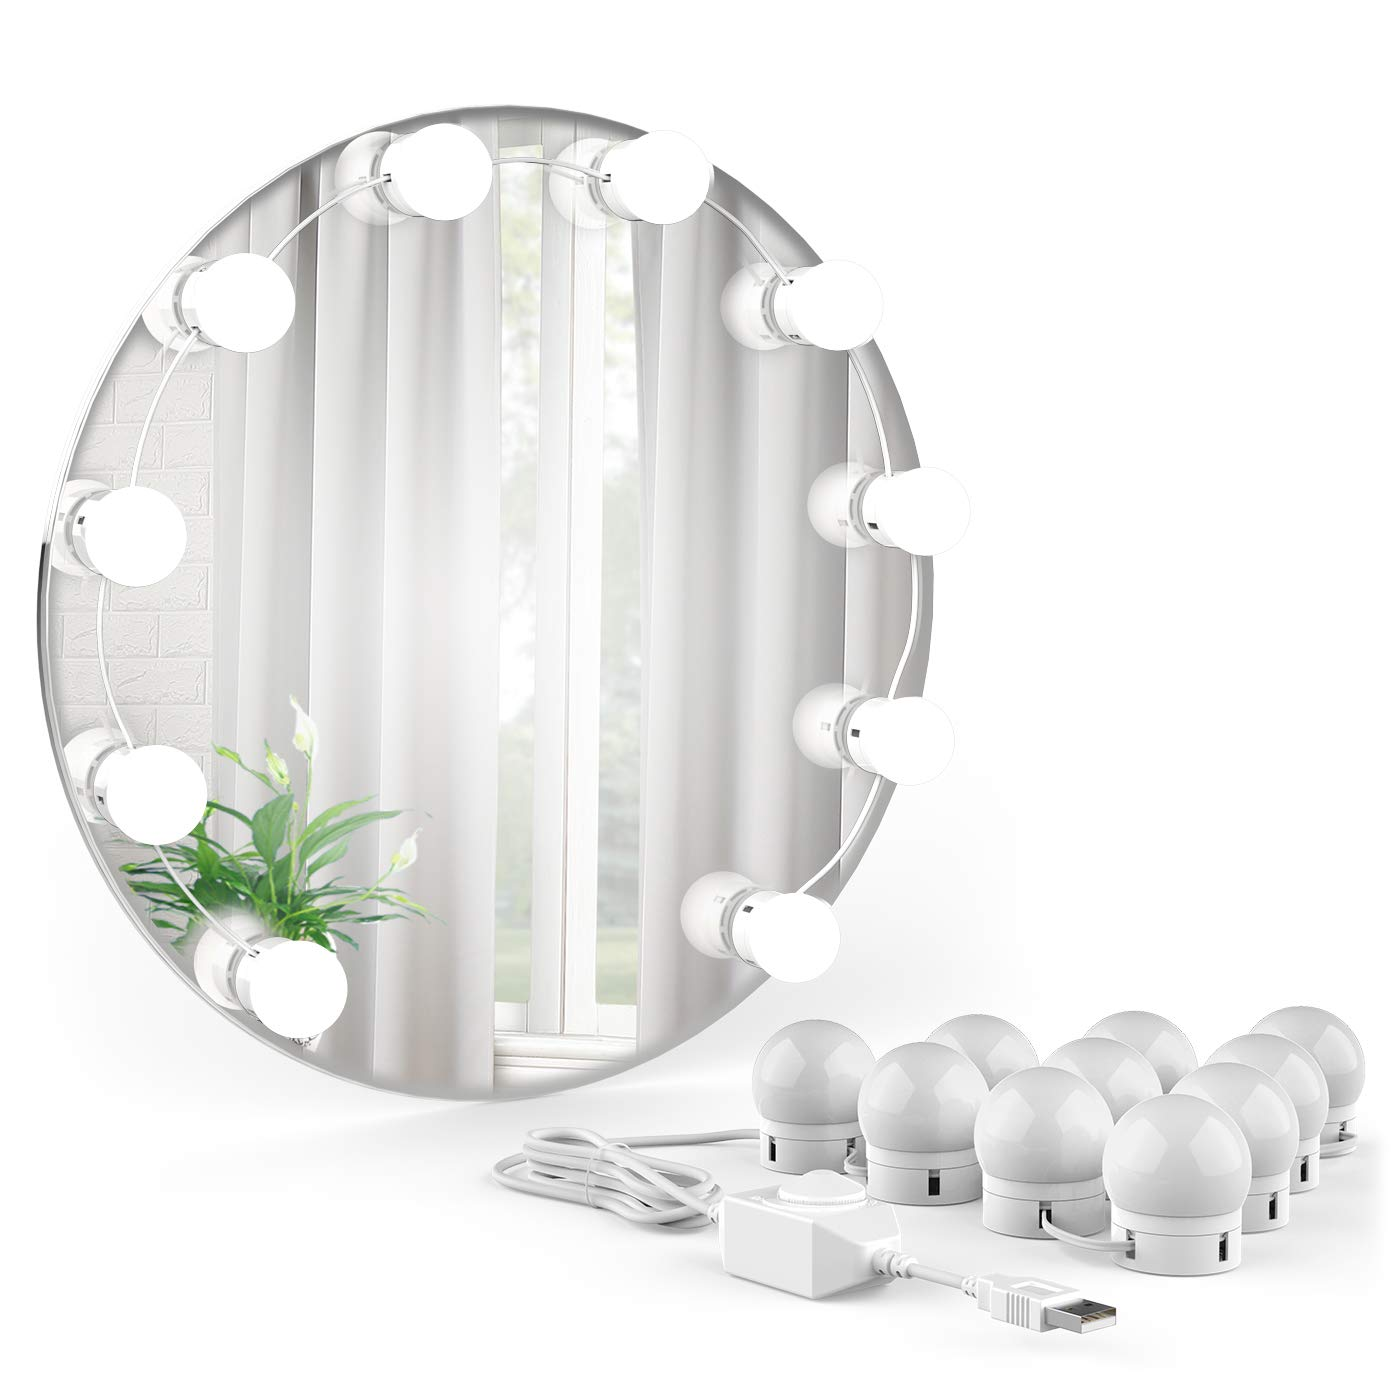 USB-betriebene 10 LED Schminkleuchte mit Saugnapf Onforu LED Spiegelleuchte Hollywood Stil Dimmbar Schminklicht Spiegellampe Make-up Lampe Geeignet f/ür Schminktisch Kosmetikspiegel Badezimmer